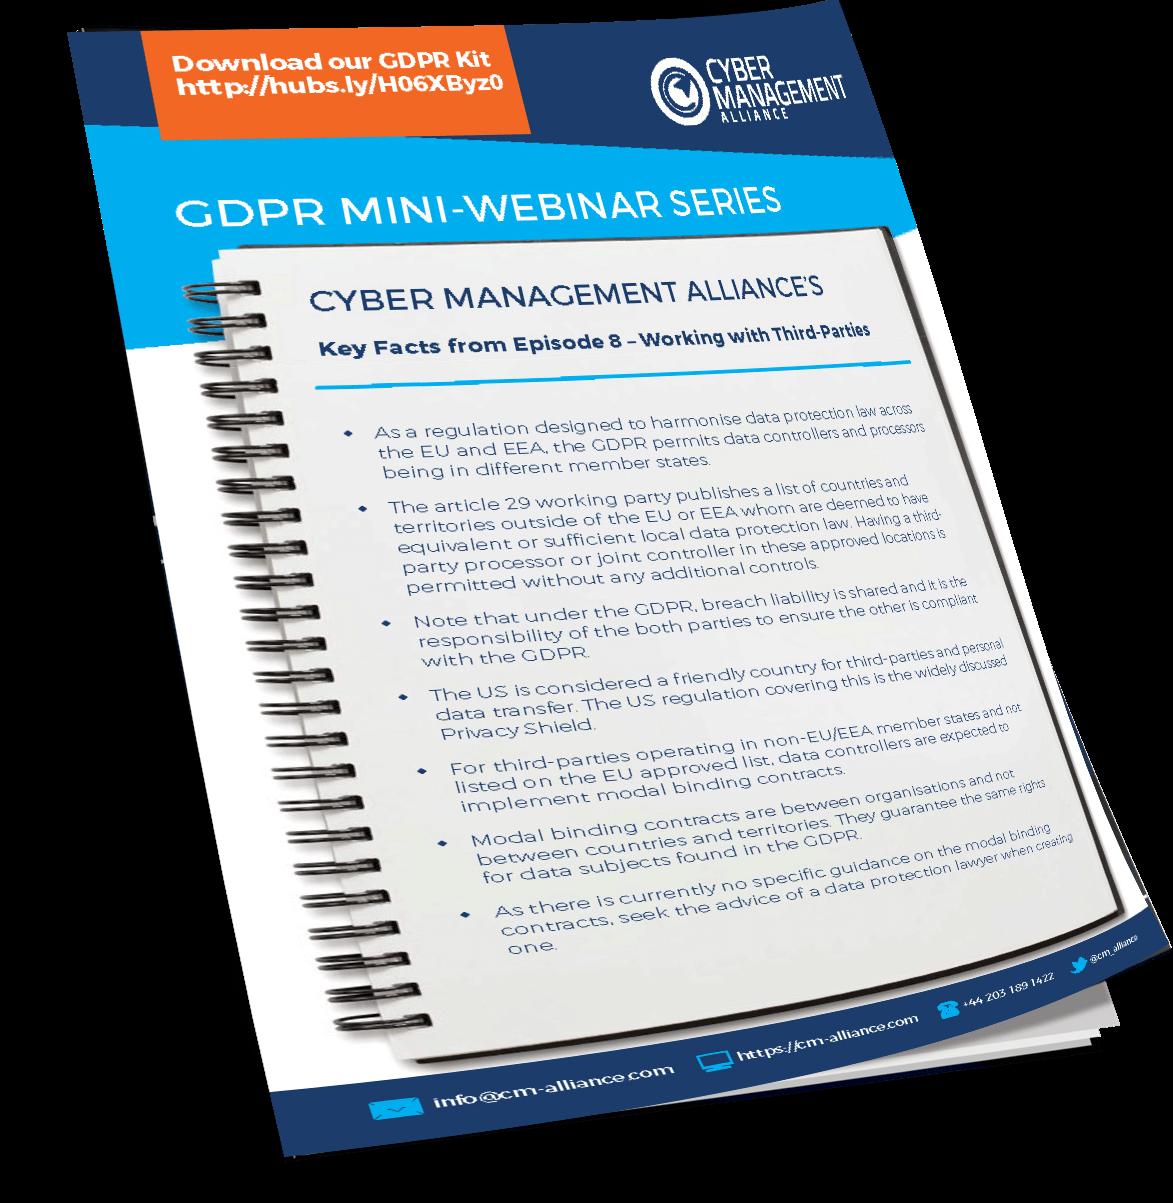 GDPR Summary